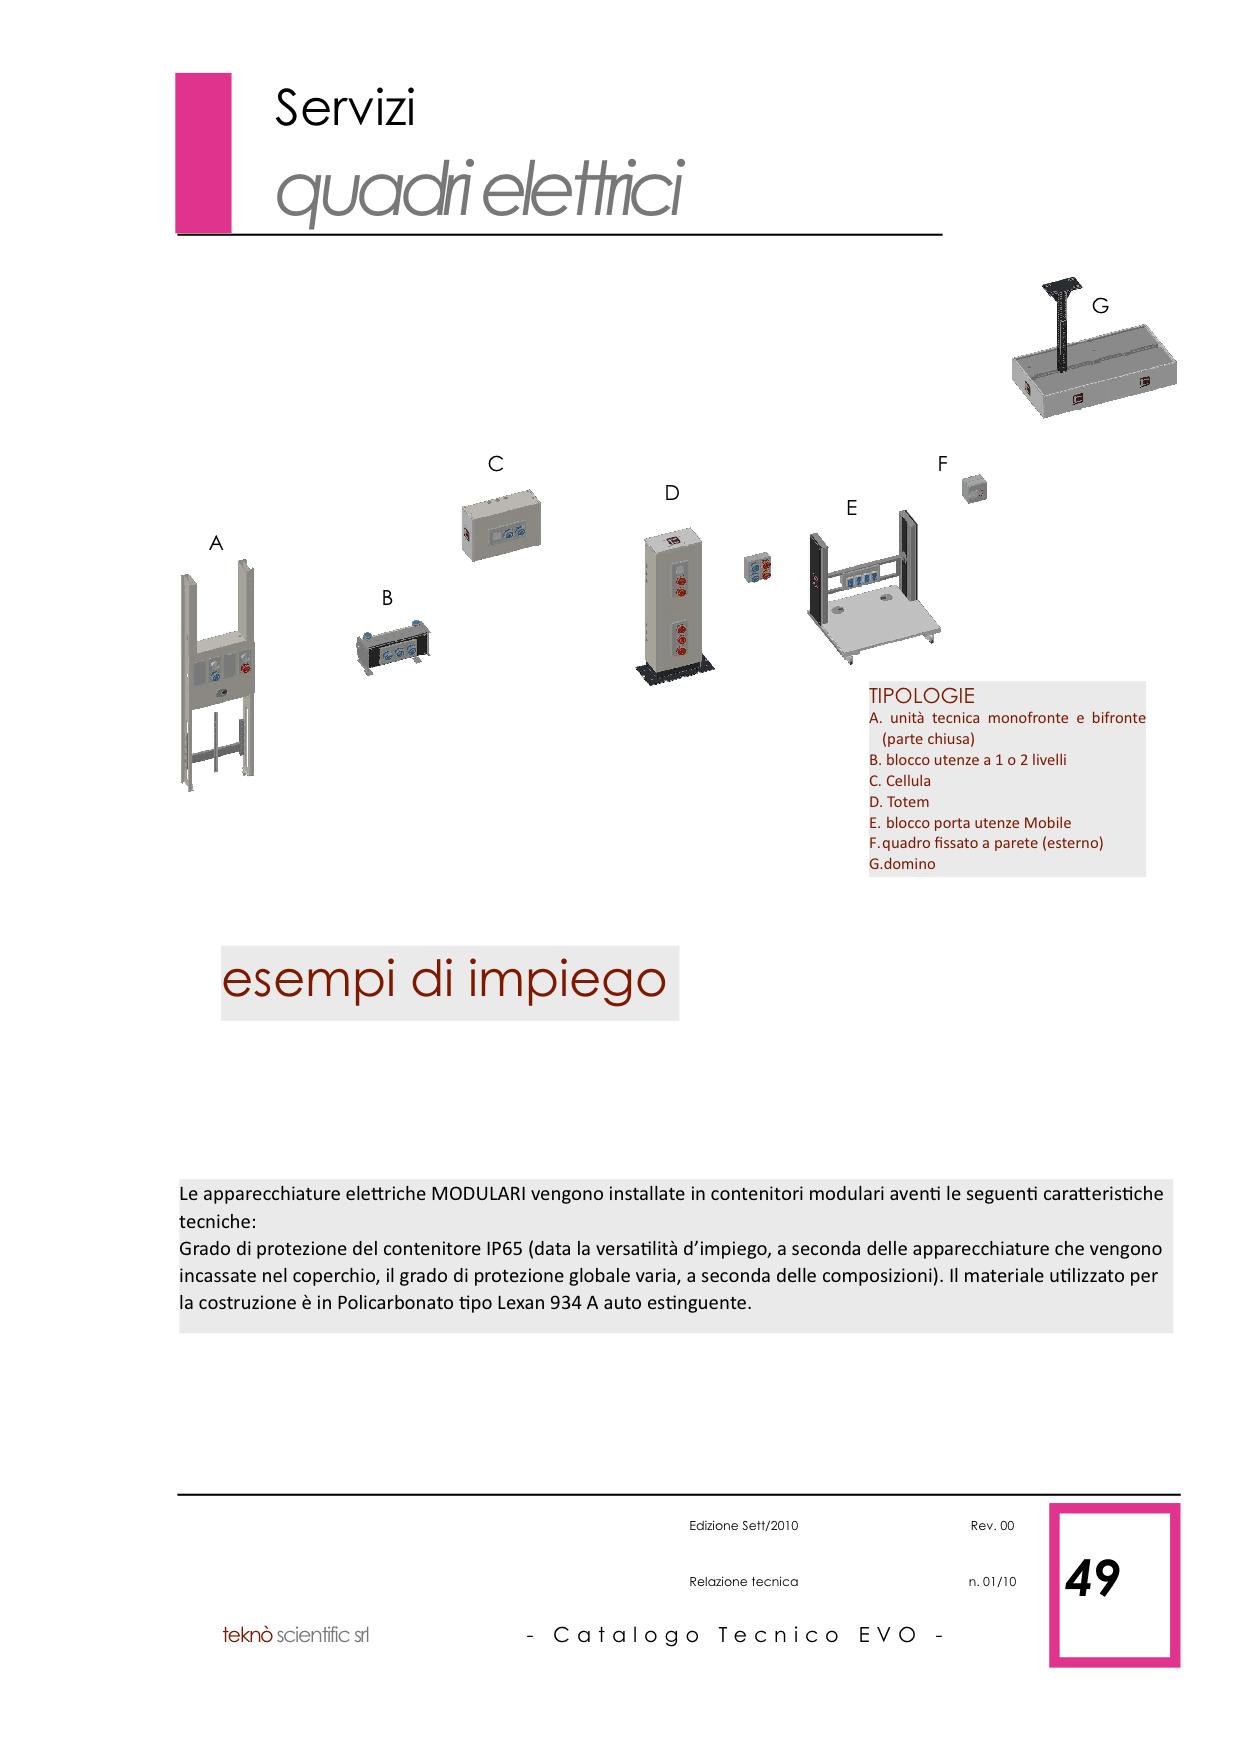 EVO Catalogo Tecnico Generale copia 49.png